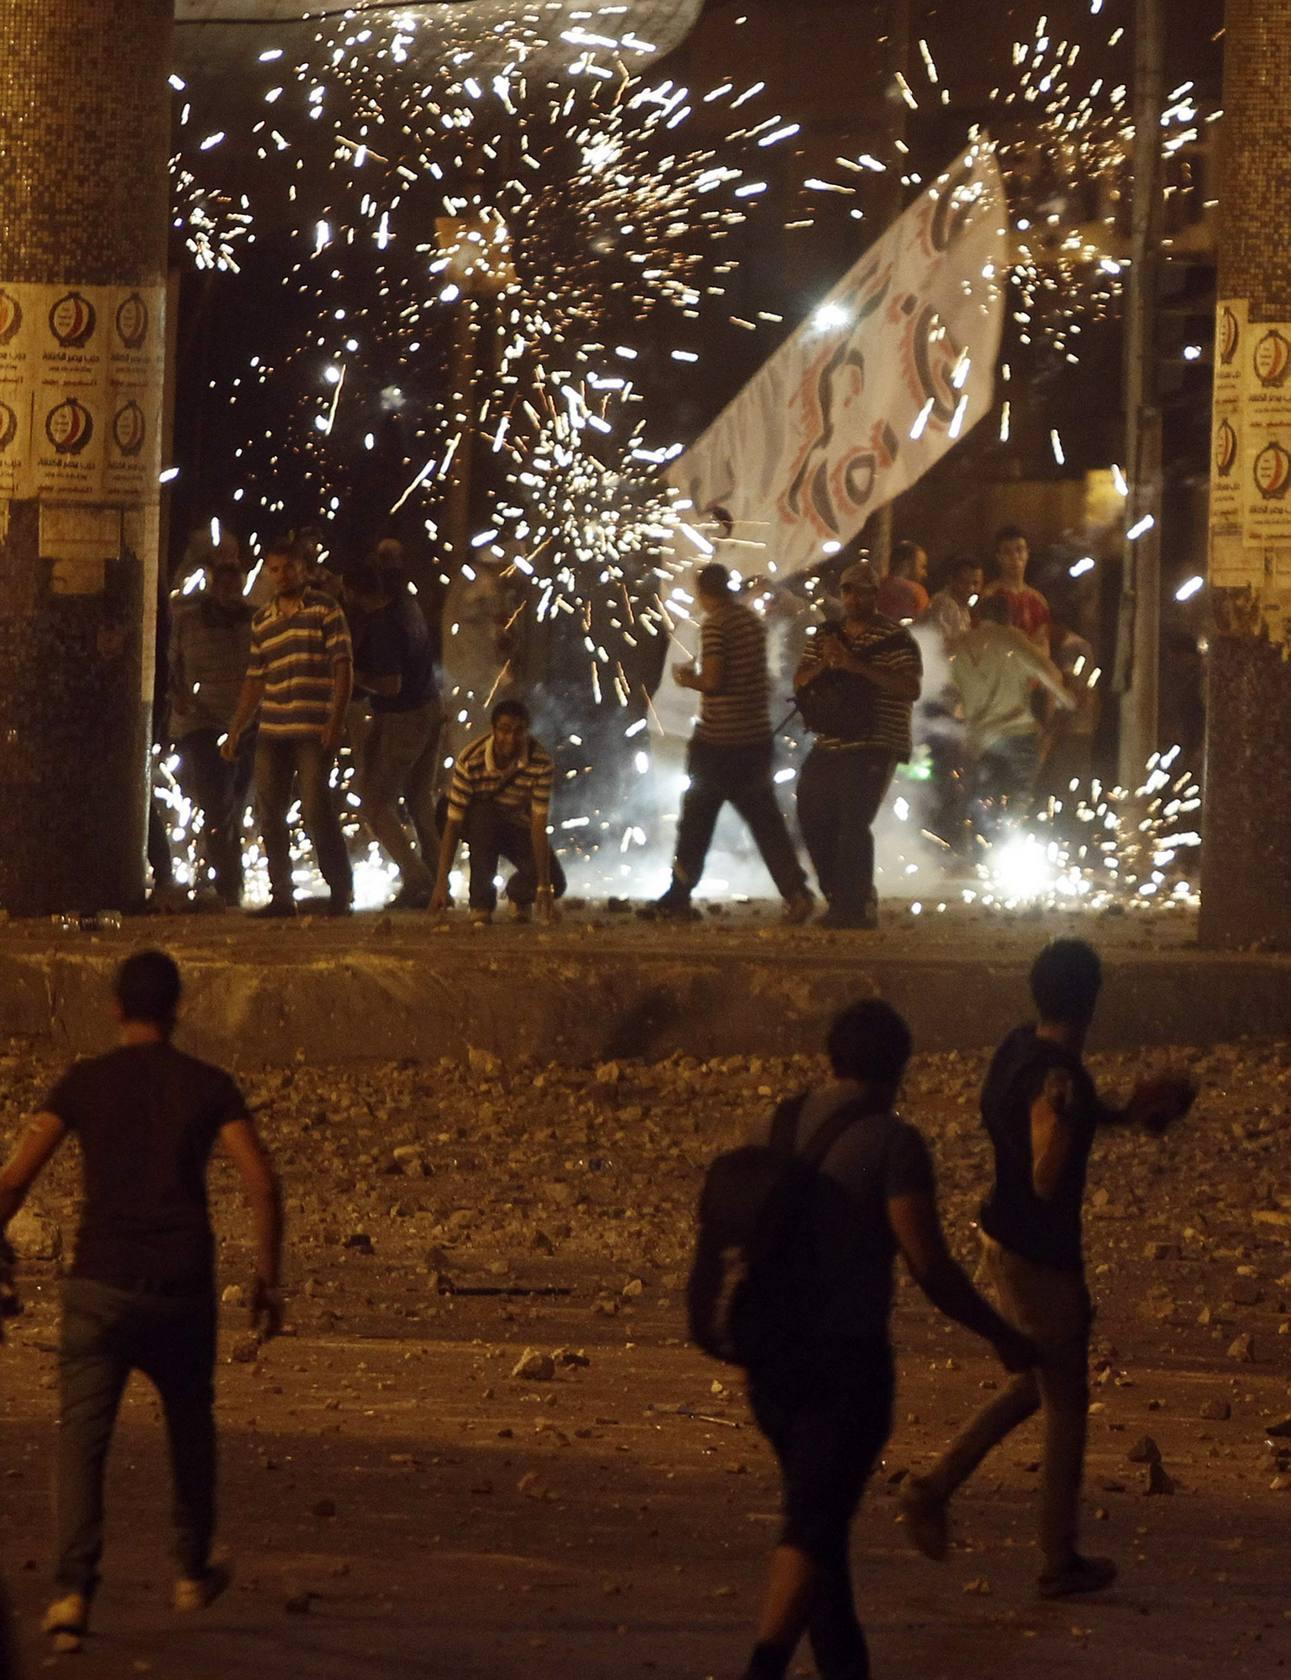 Violentos enfrentamientos entre partidarios y detractores de Mursi